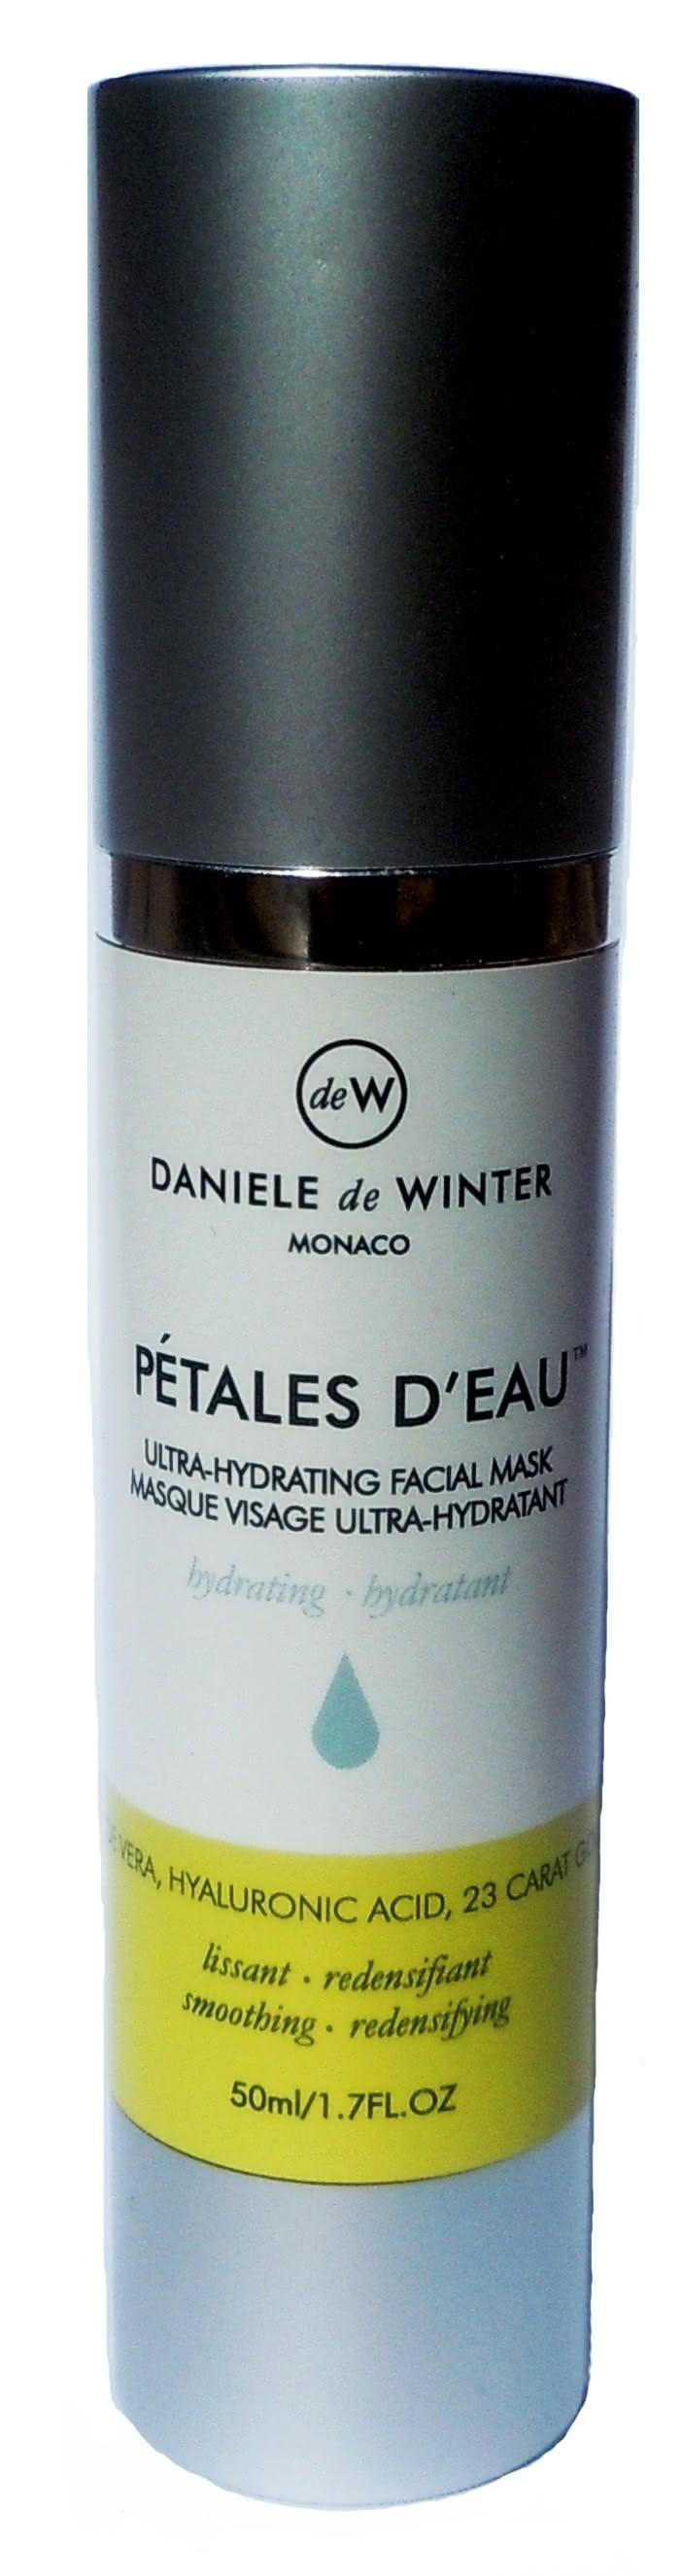 PÉTALES D'EAU - DANIELE DE...